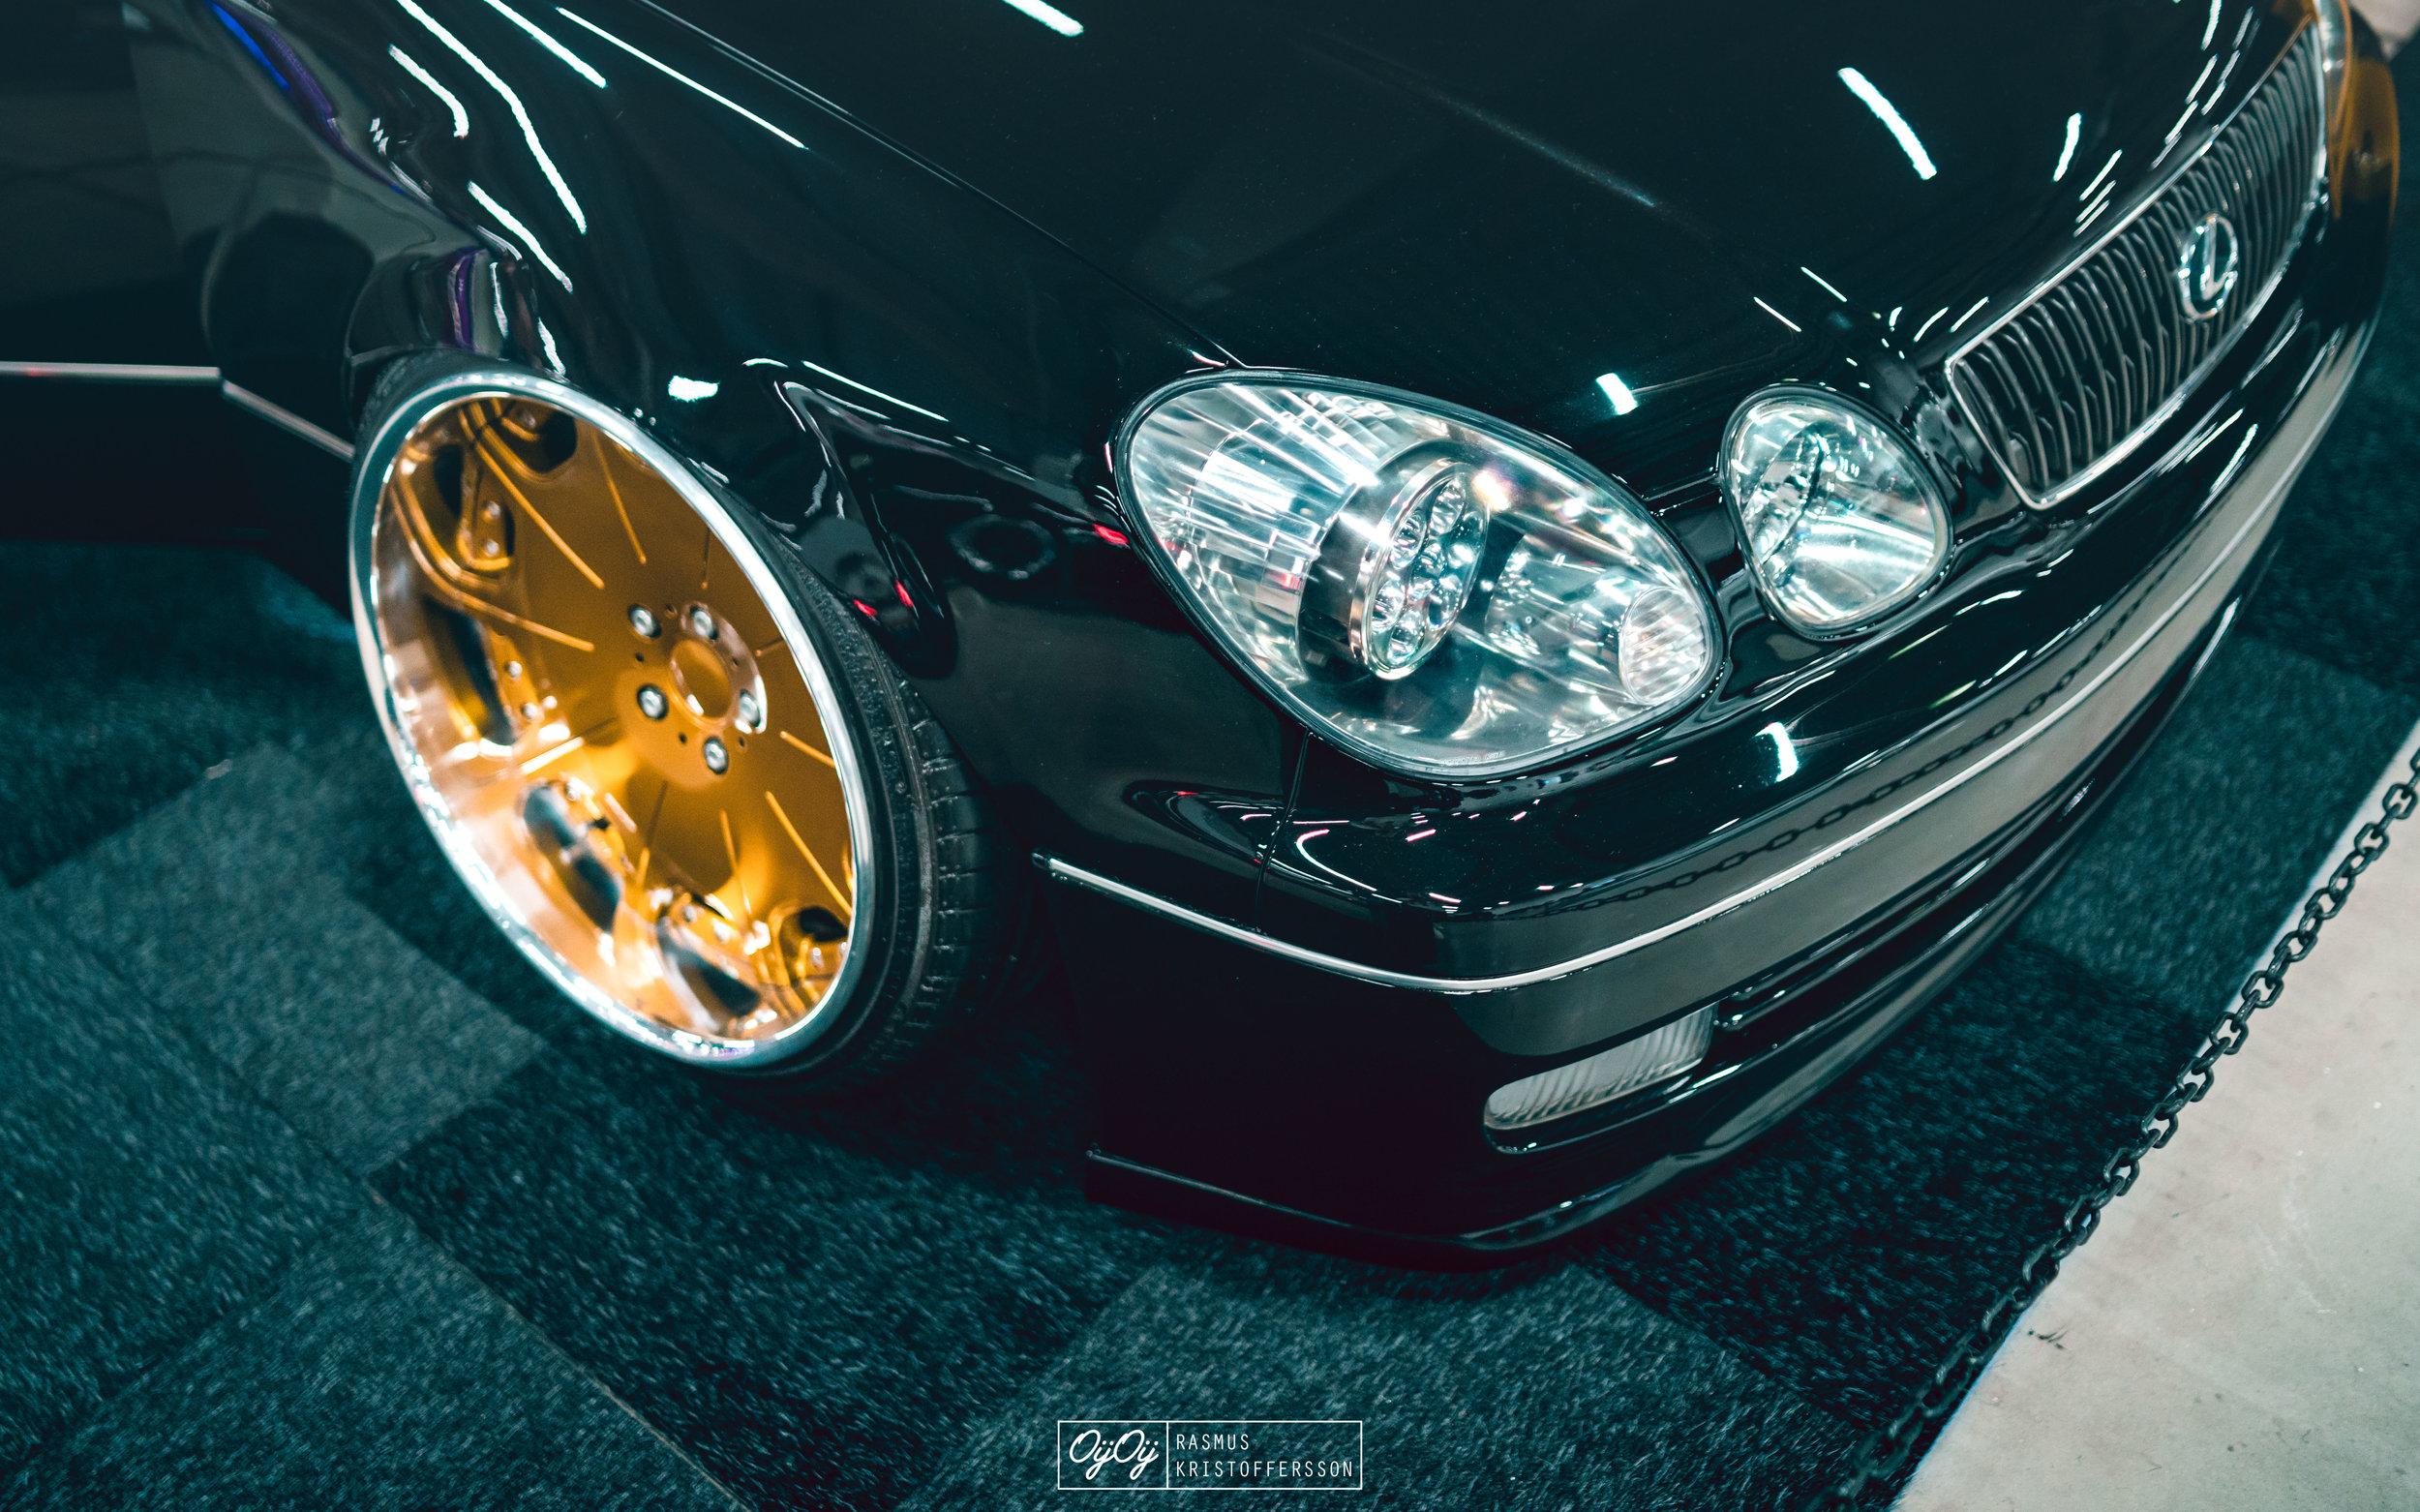 BMS_18_Cars-73.jpg